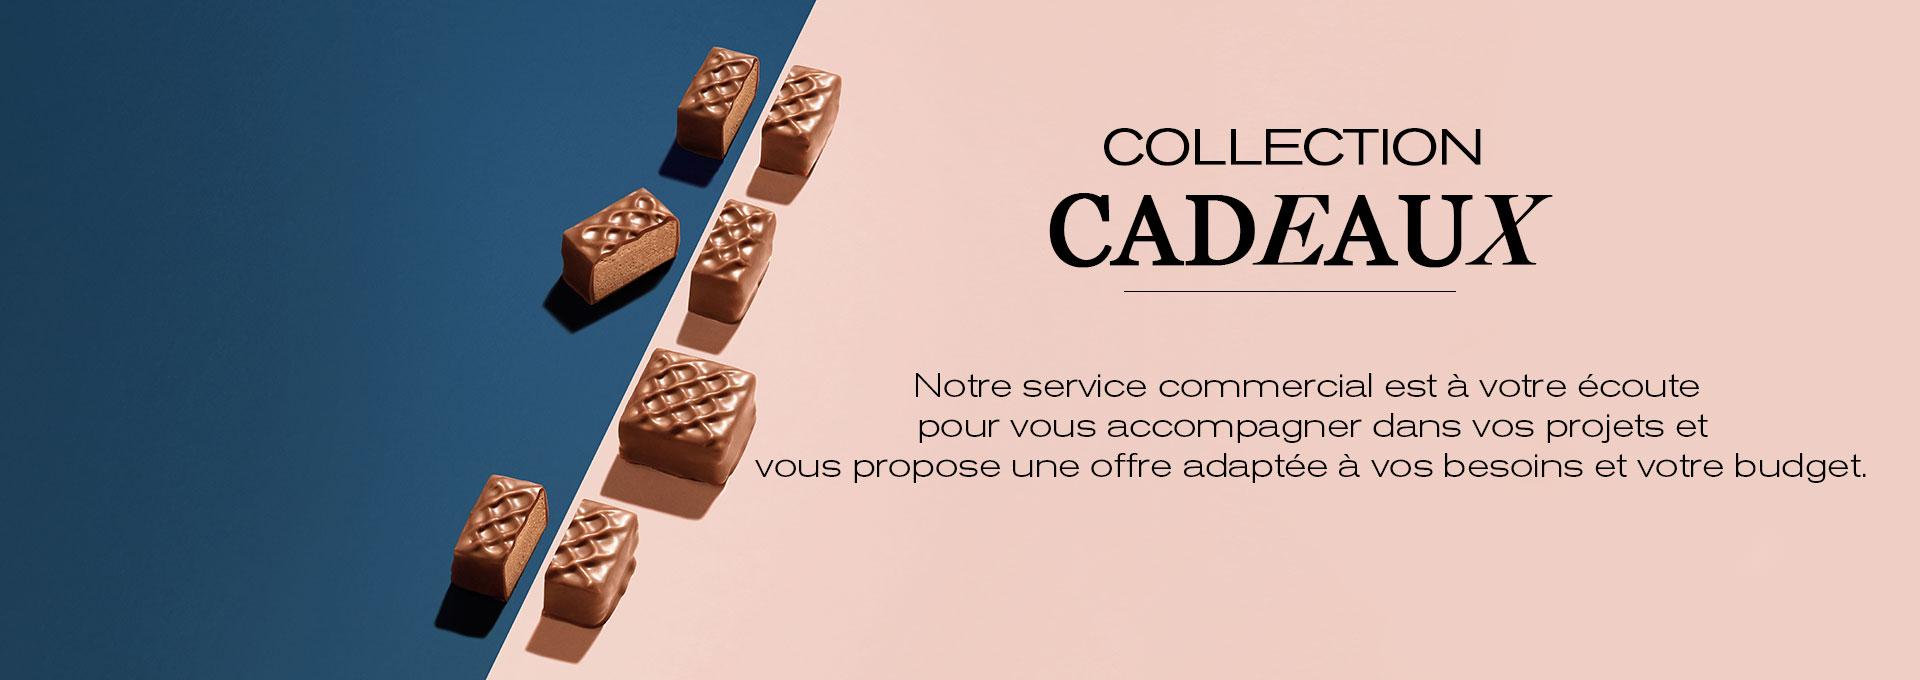 Collection Cadeaux 2018-2019 - La Maison du Chocolat